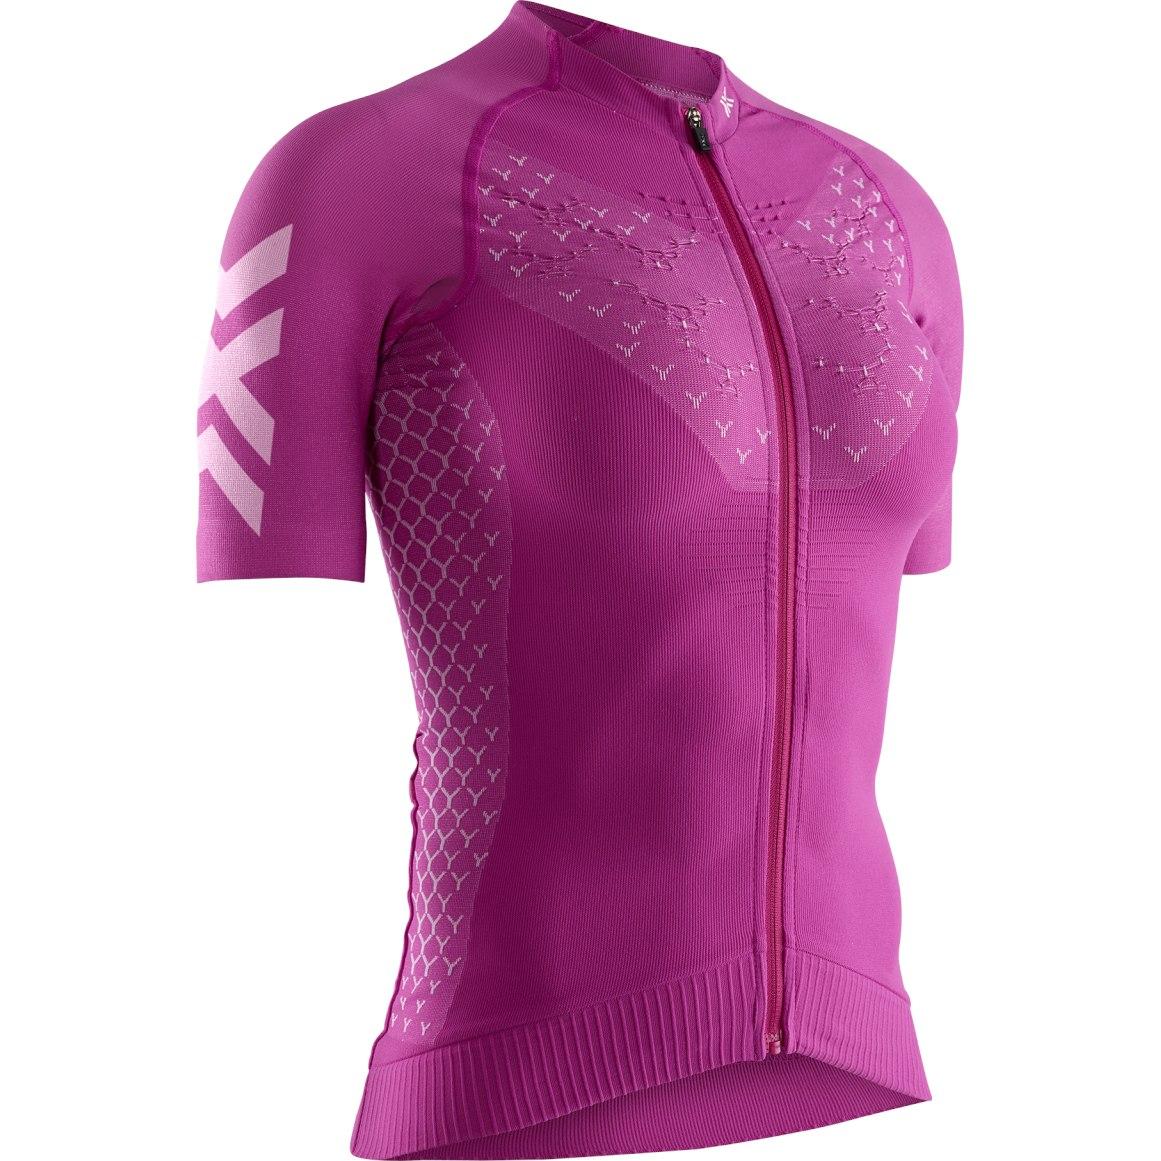 X-Bionic TWYCE 4.0 Bike Full Zip Short Sleeves Shirt for Women - twyce purple/arctic white